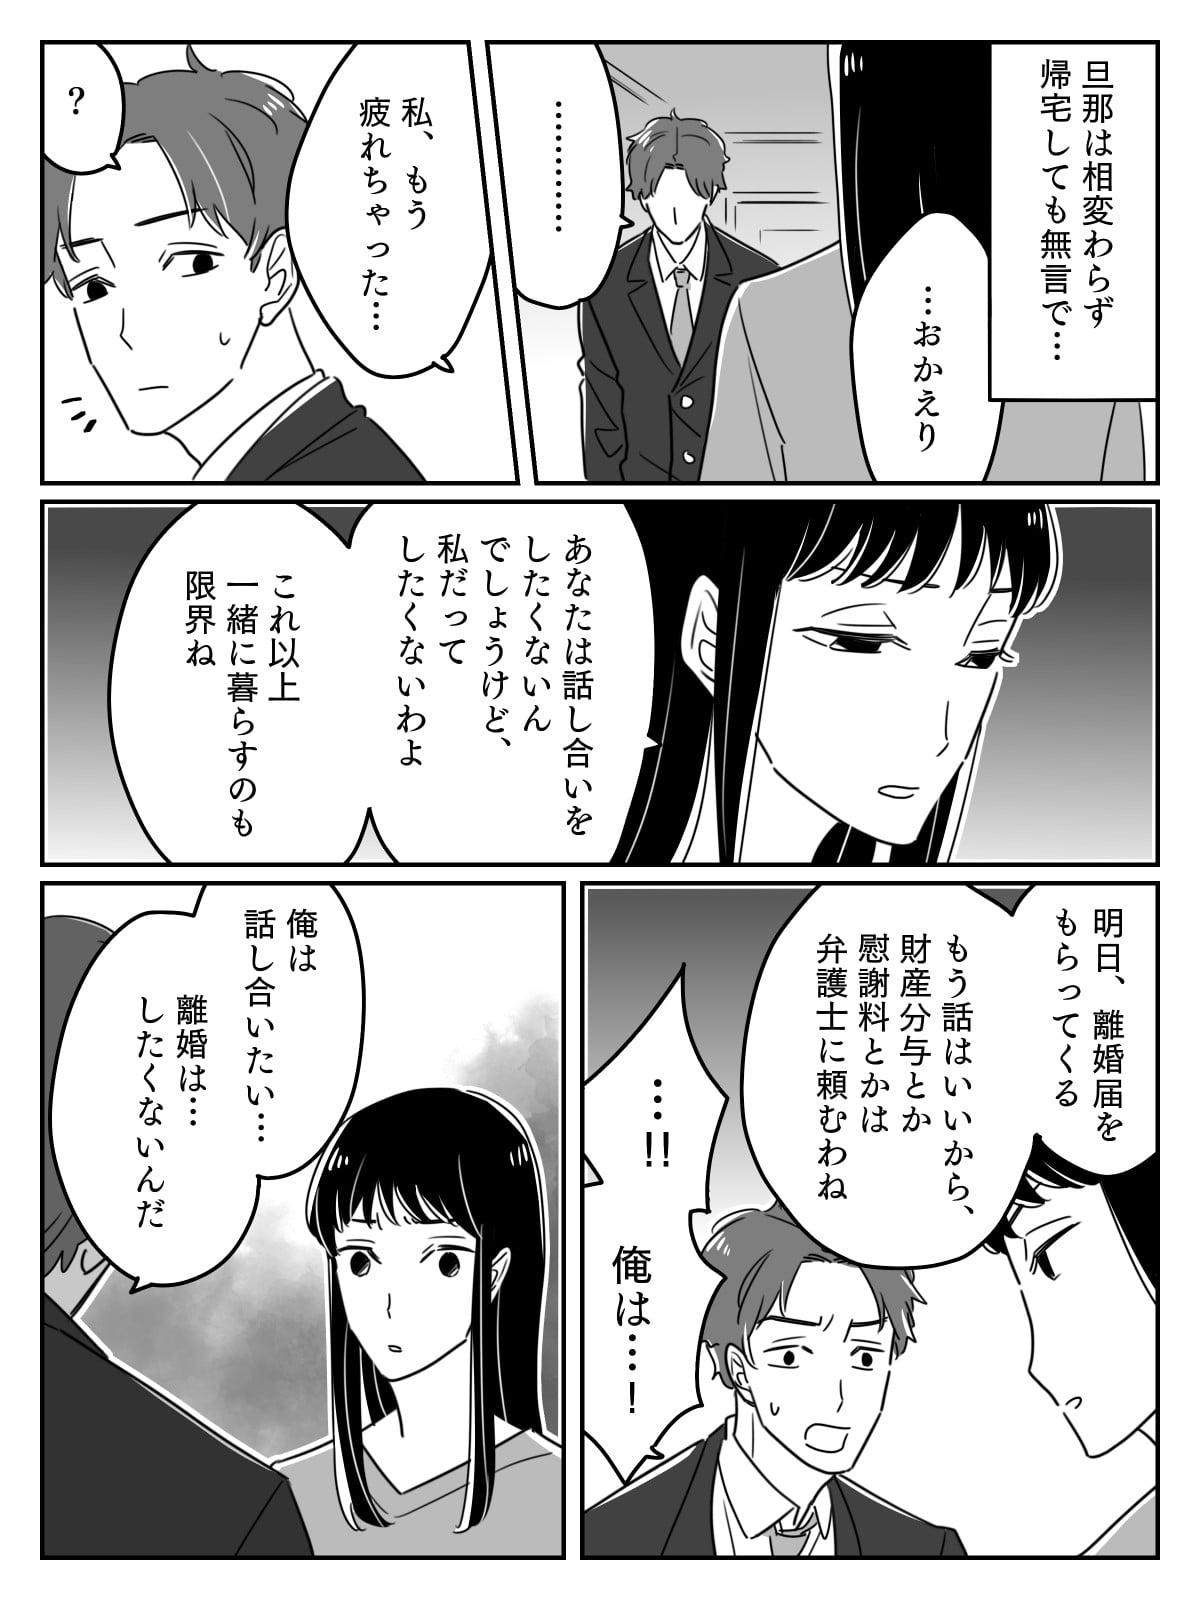 後02 (2)